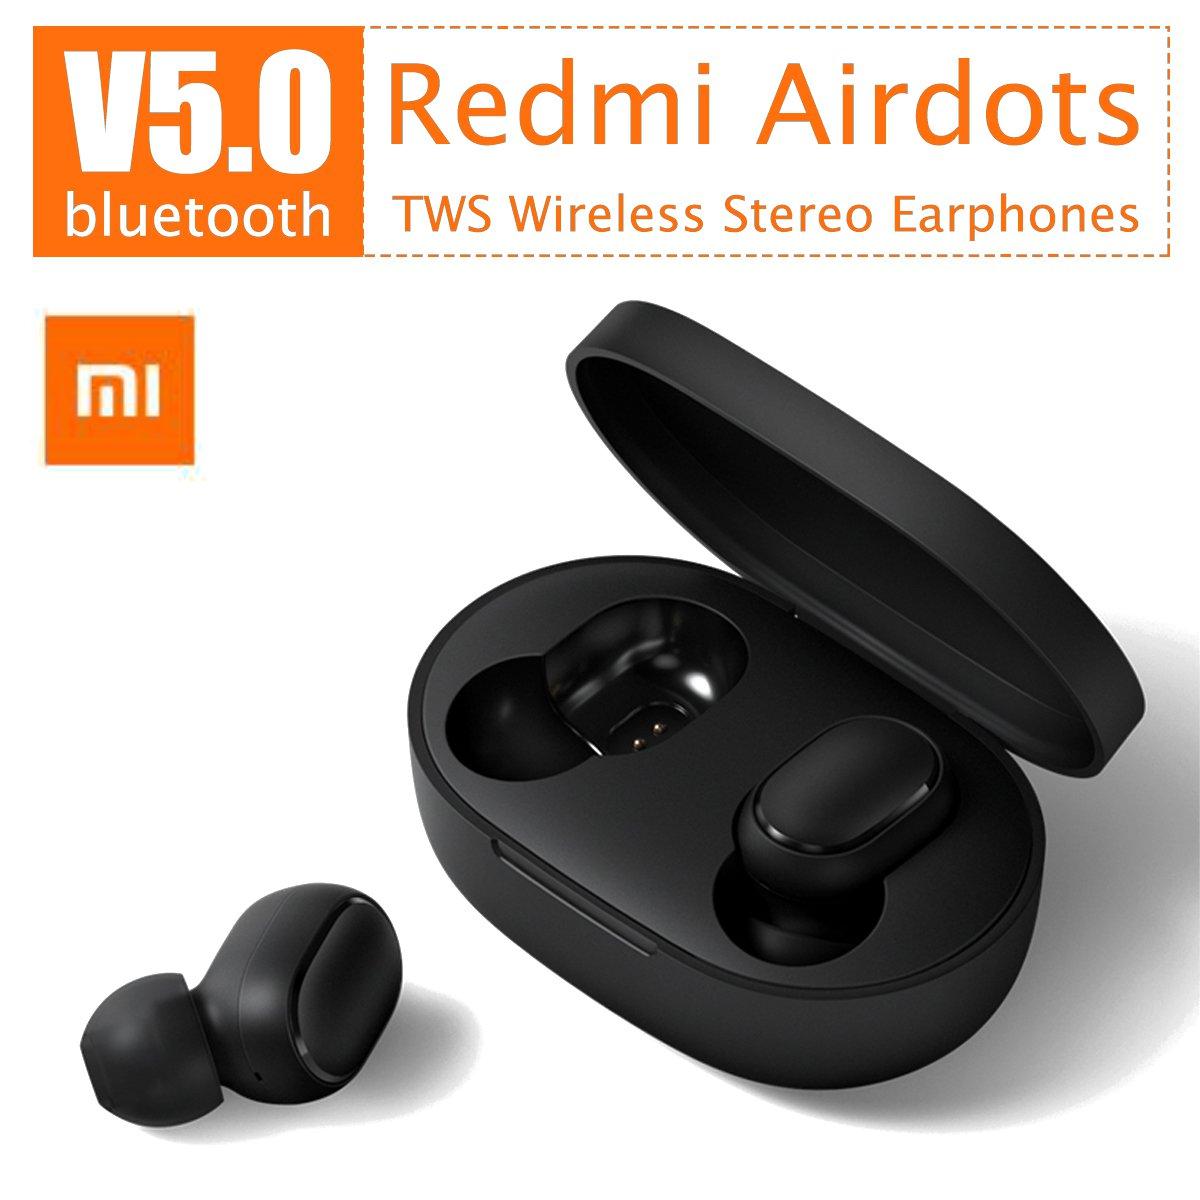 Xiaomi Redmi Airdots écouteur sans fil AI commande vocale bluetooth 5.0 écouteurs DSP réduction du bruit casque sport écouteurs Mic